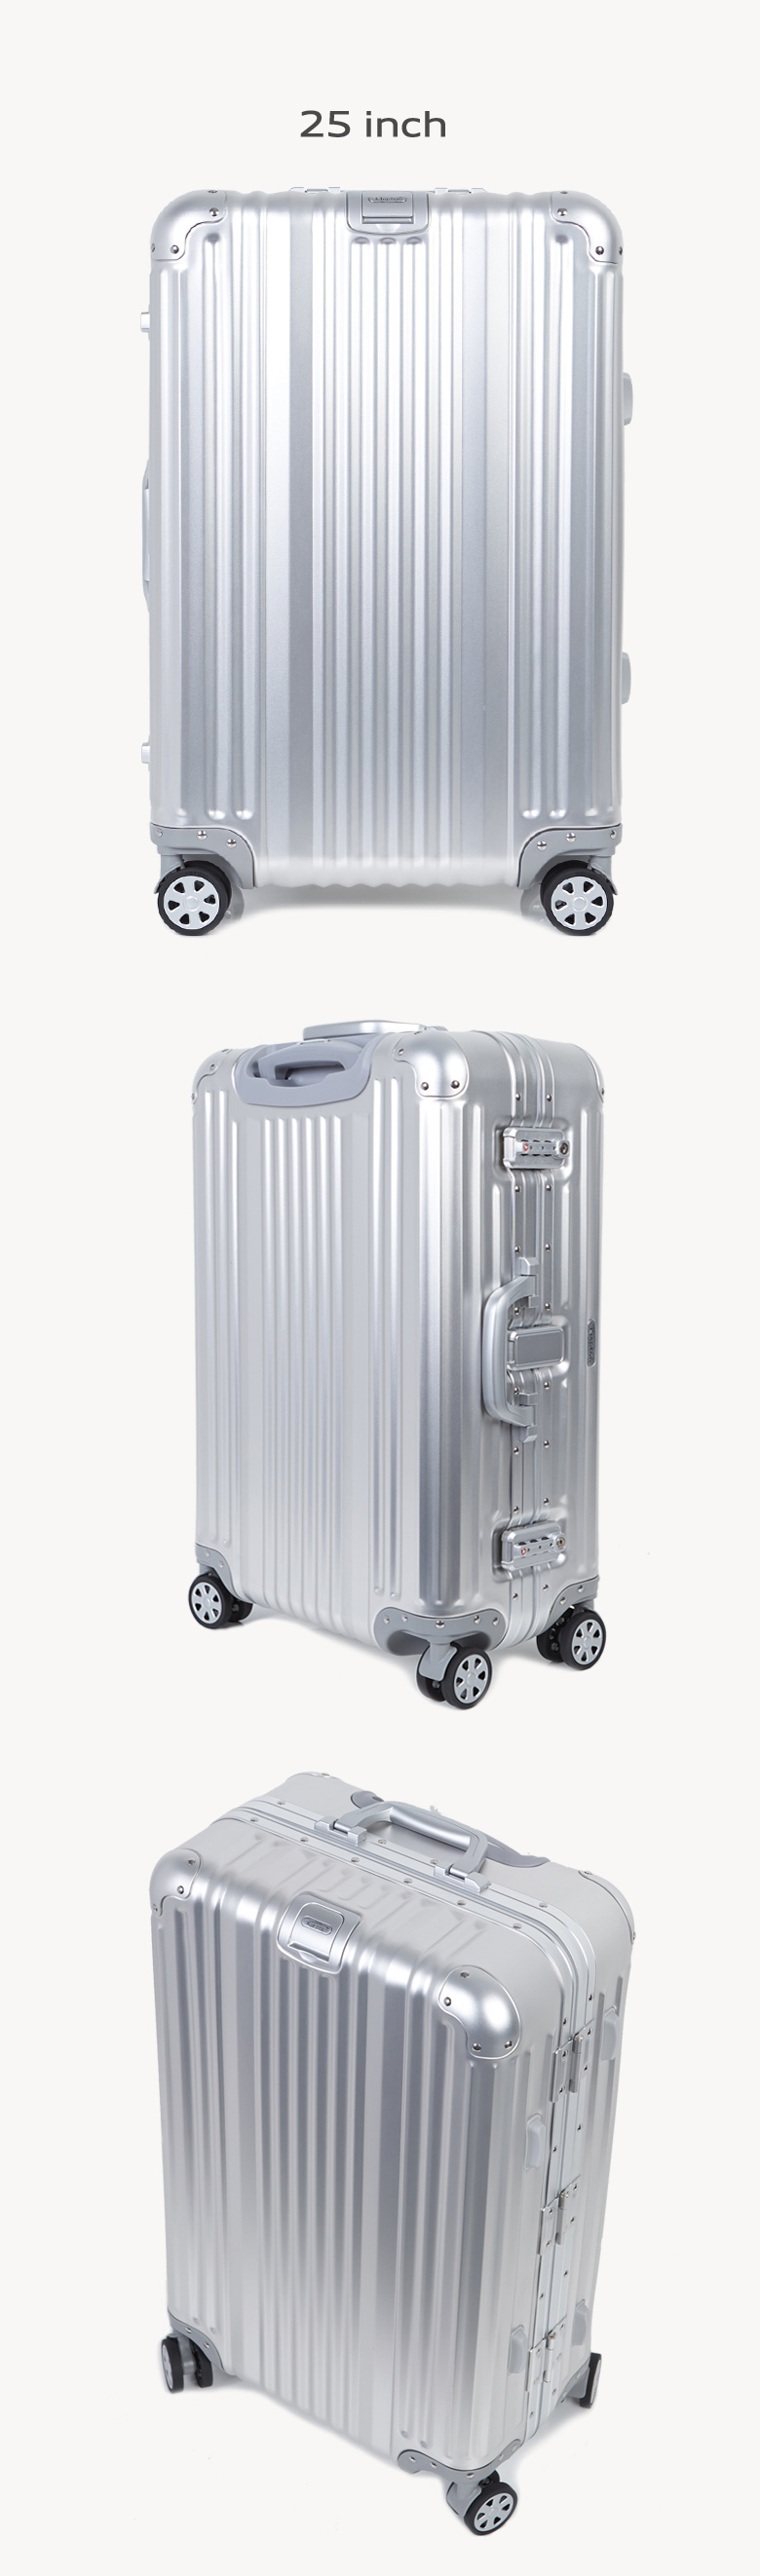 클렙튼 풀메탈 알루미늄 여행용캐리어 18인치